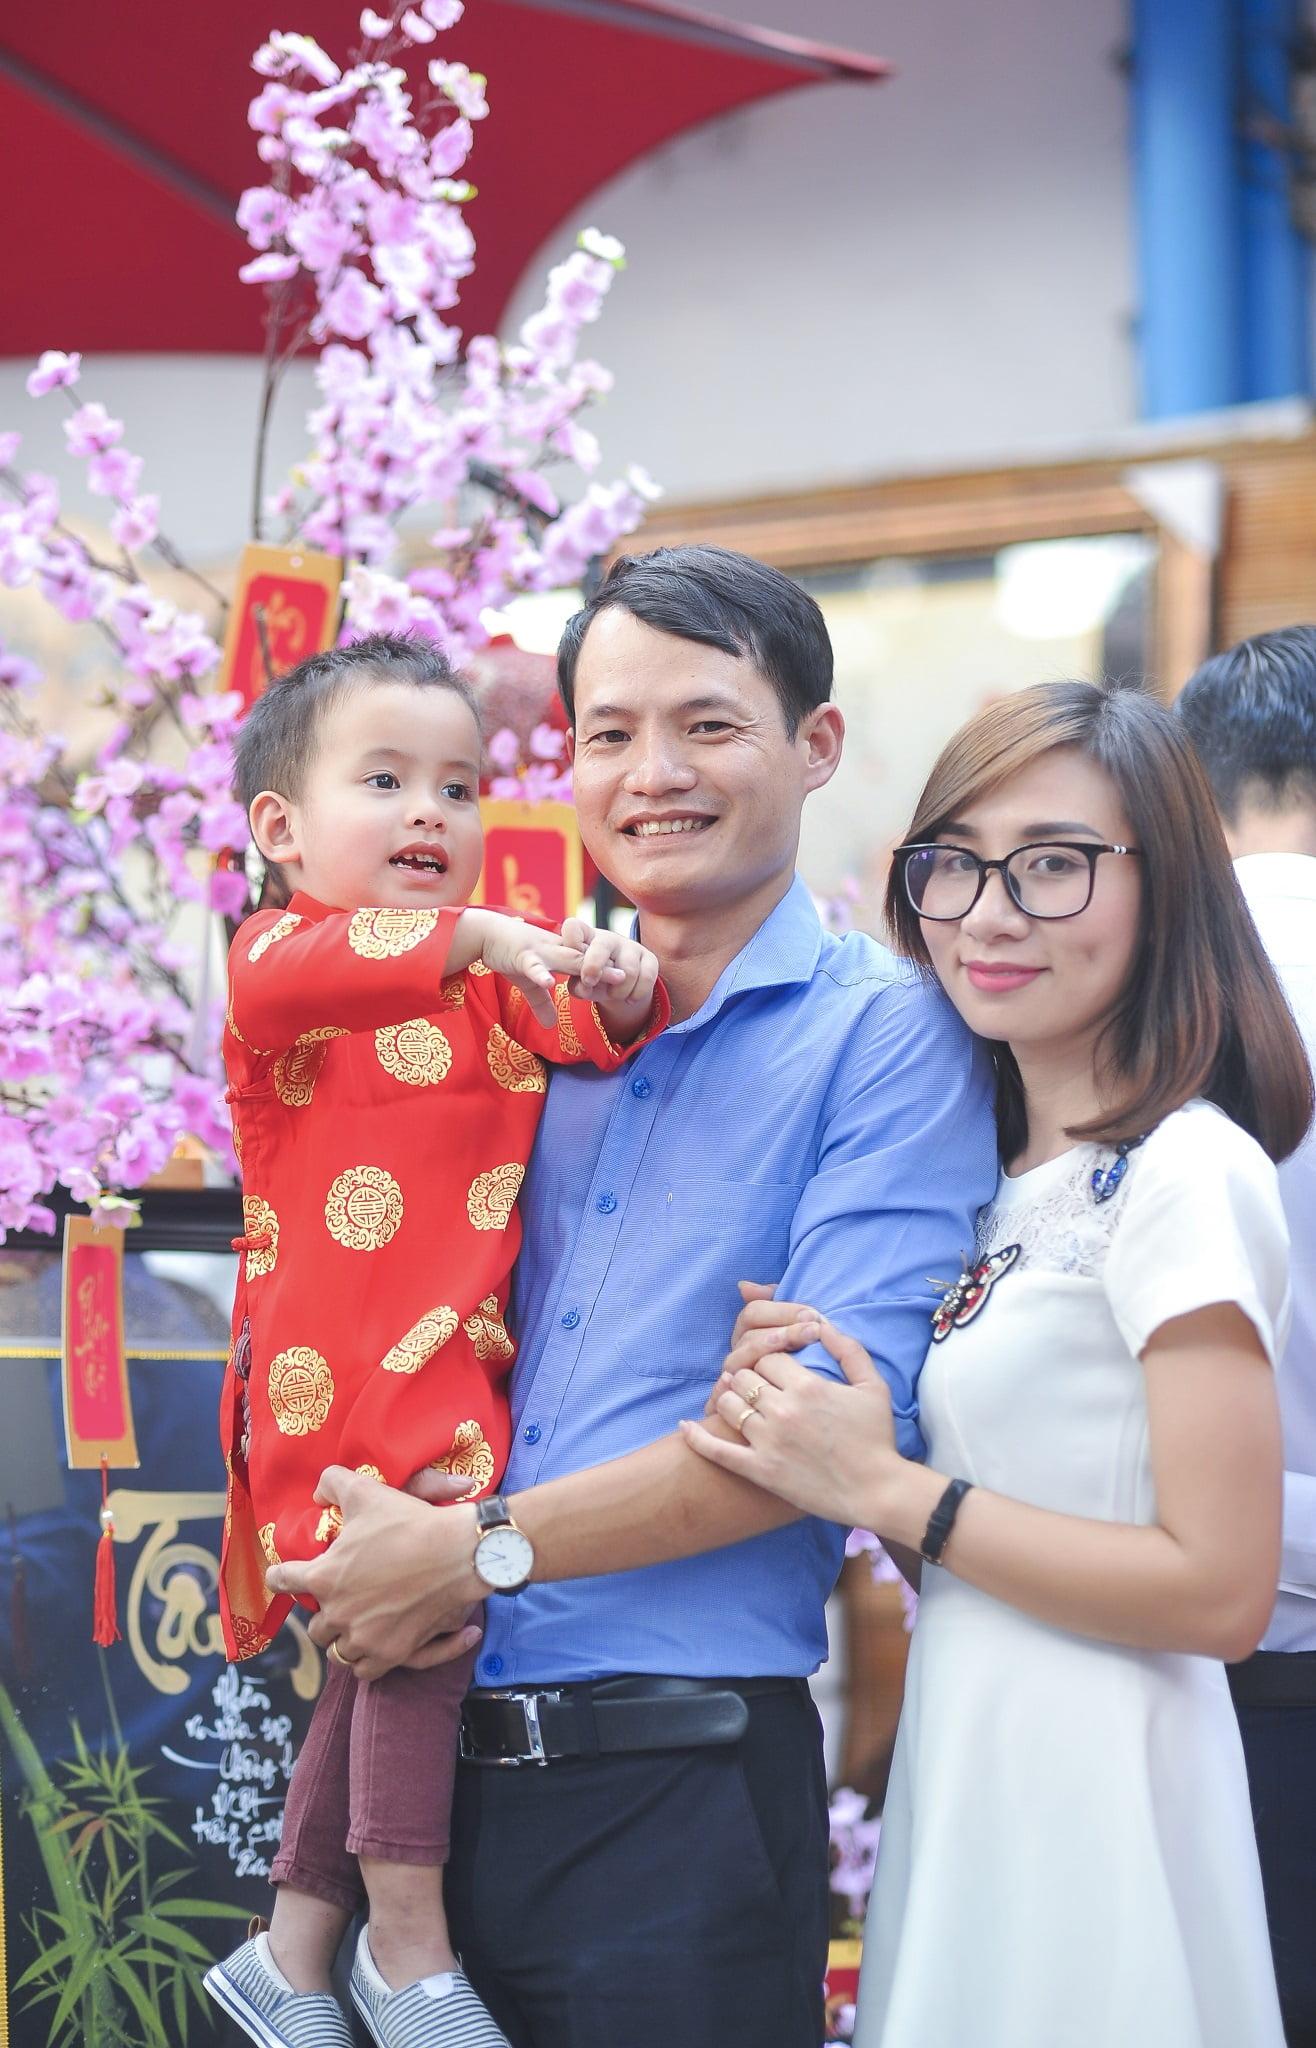 DSC 6607 - Ảnh chụp gia đình anh Phong Hồ, Quận 1 Tp.HCM